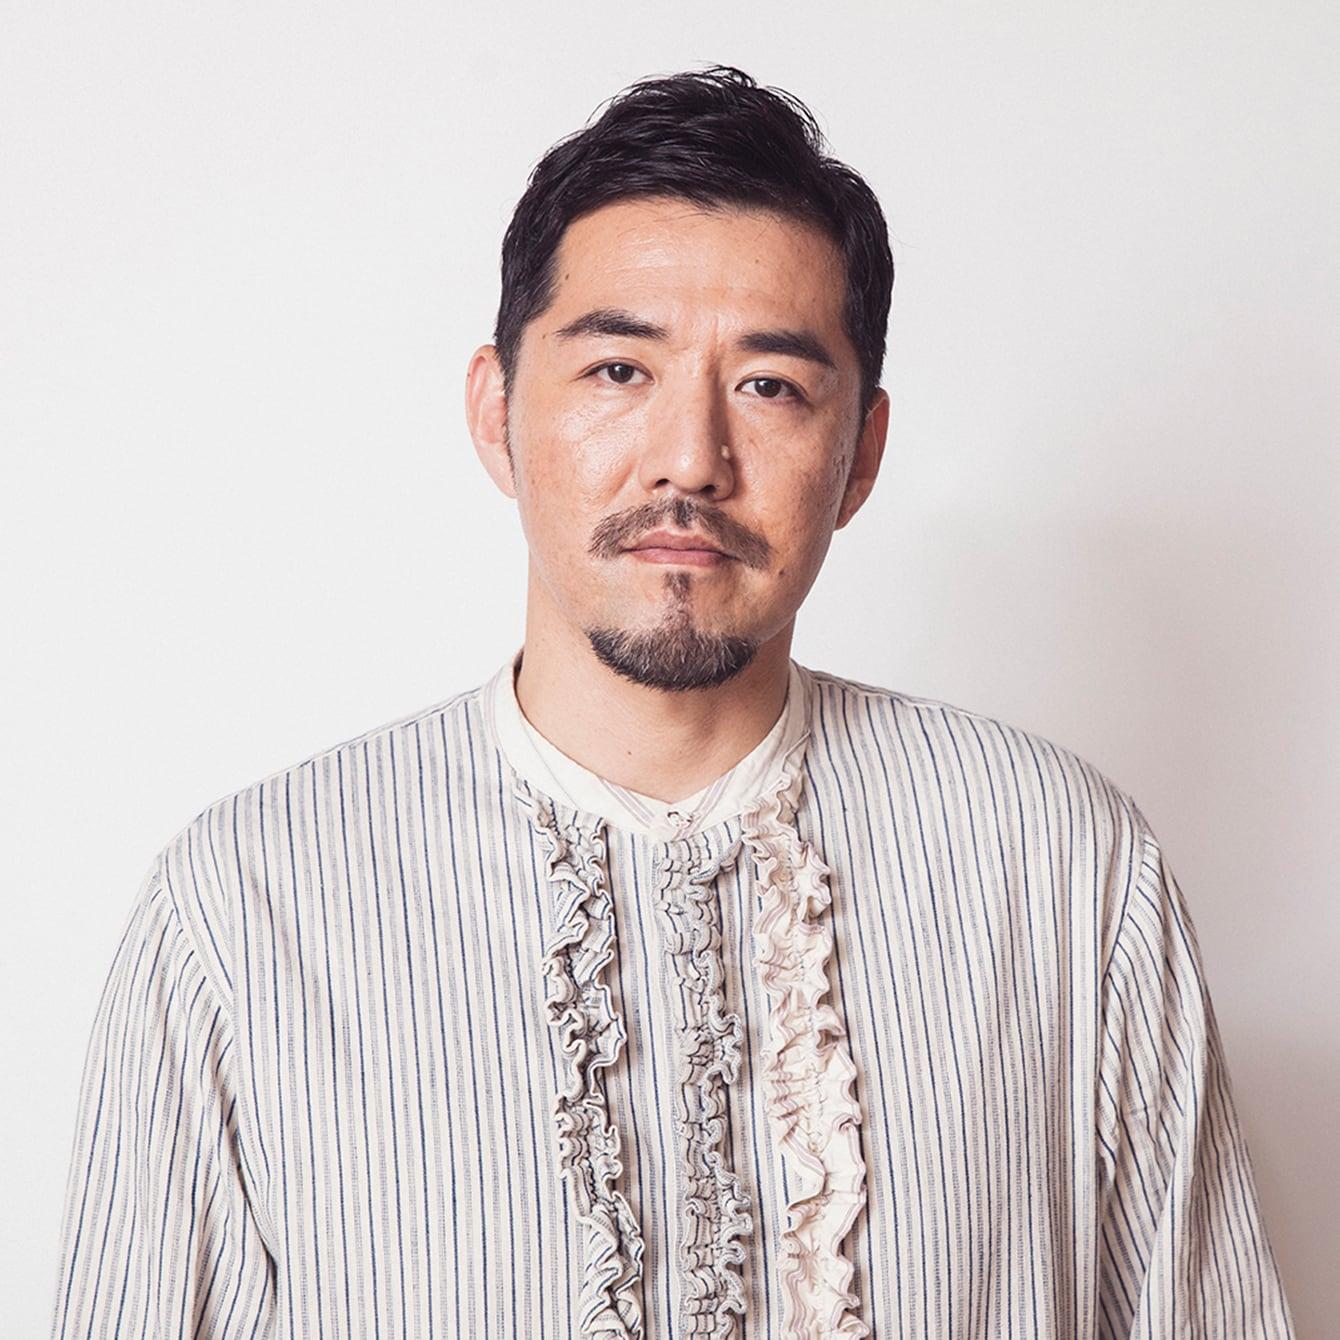 朝ドラで脚光、俳優・吉原光夫「売れたいとは思わない。その情熱は作品に注ぎたい」【2021年前半人気インタビューBEST5】